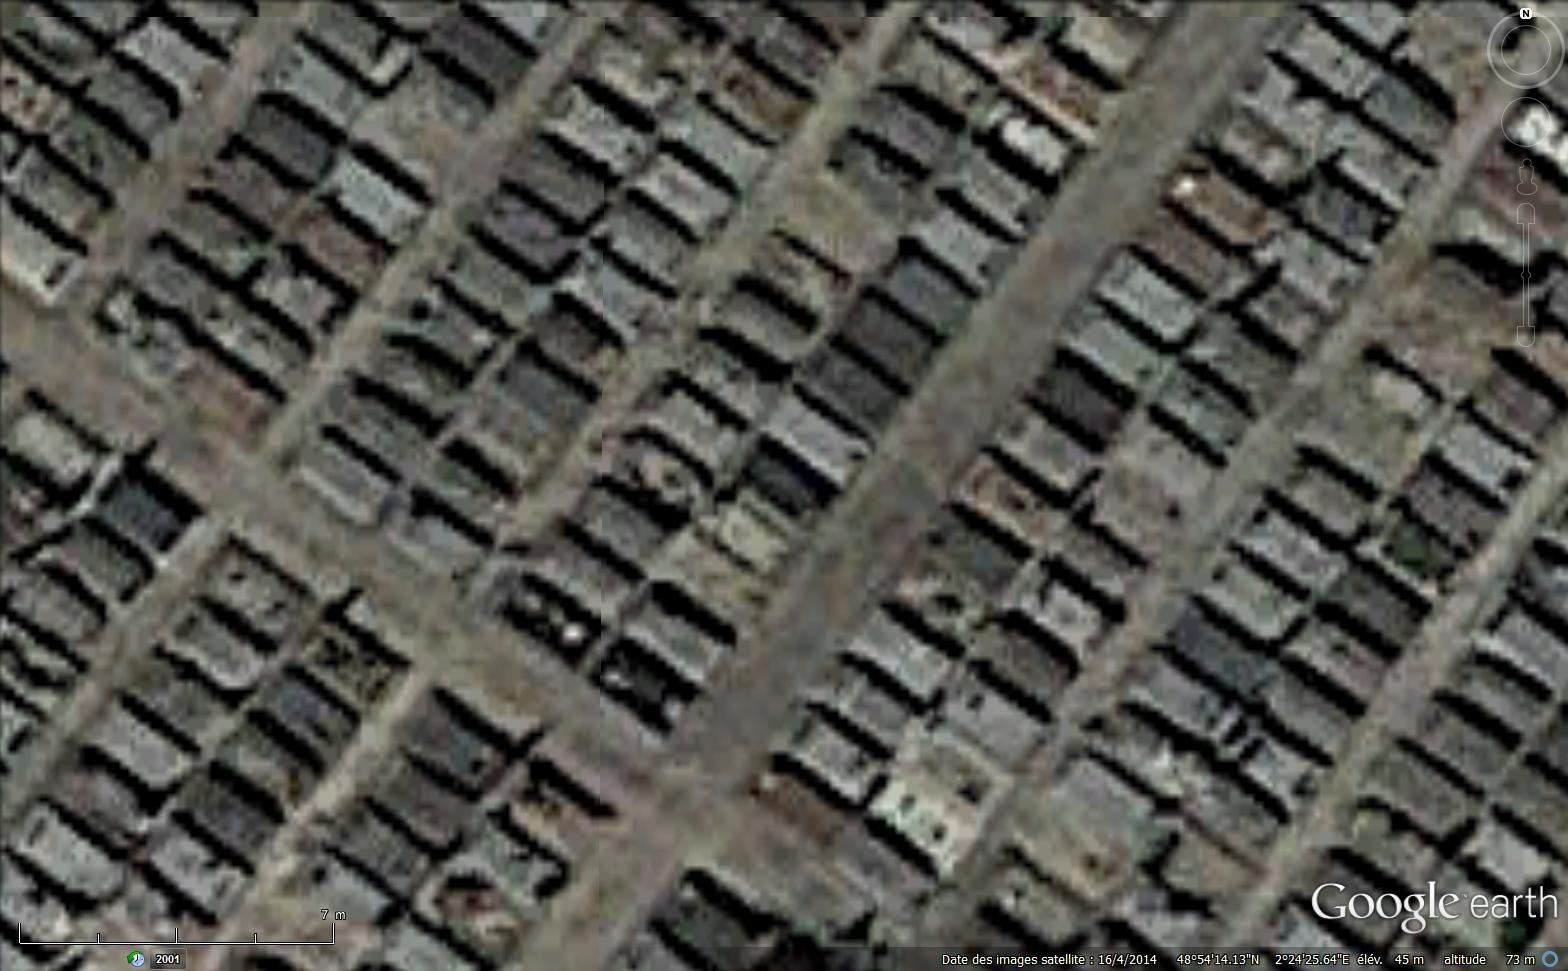 Images satellitaires Landsat mises à disposition par Google earth